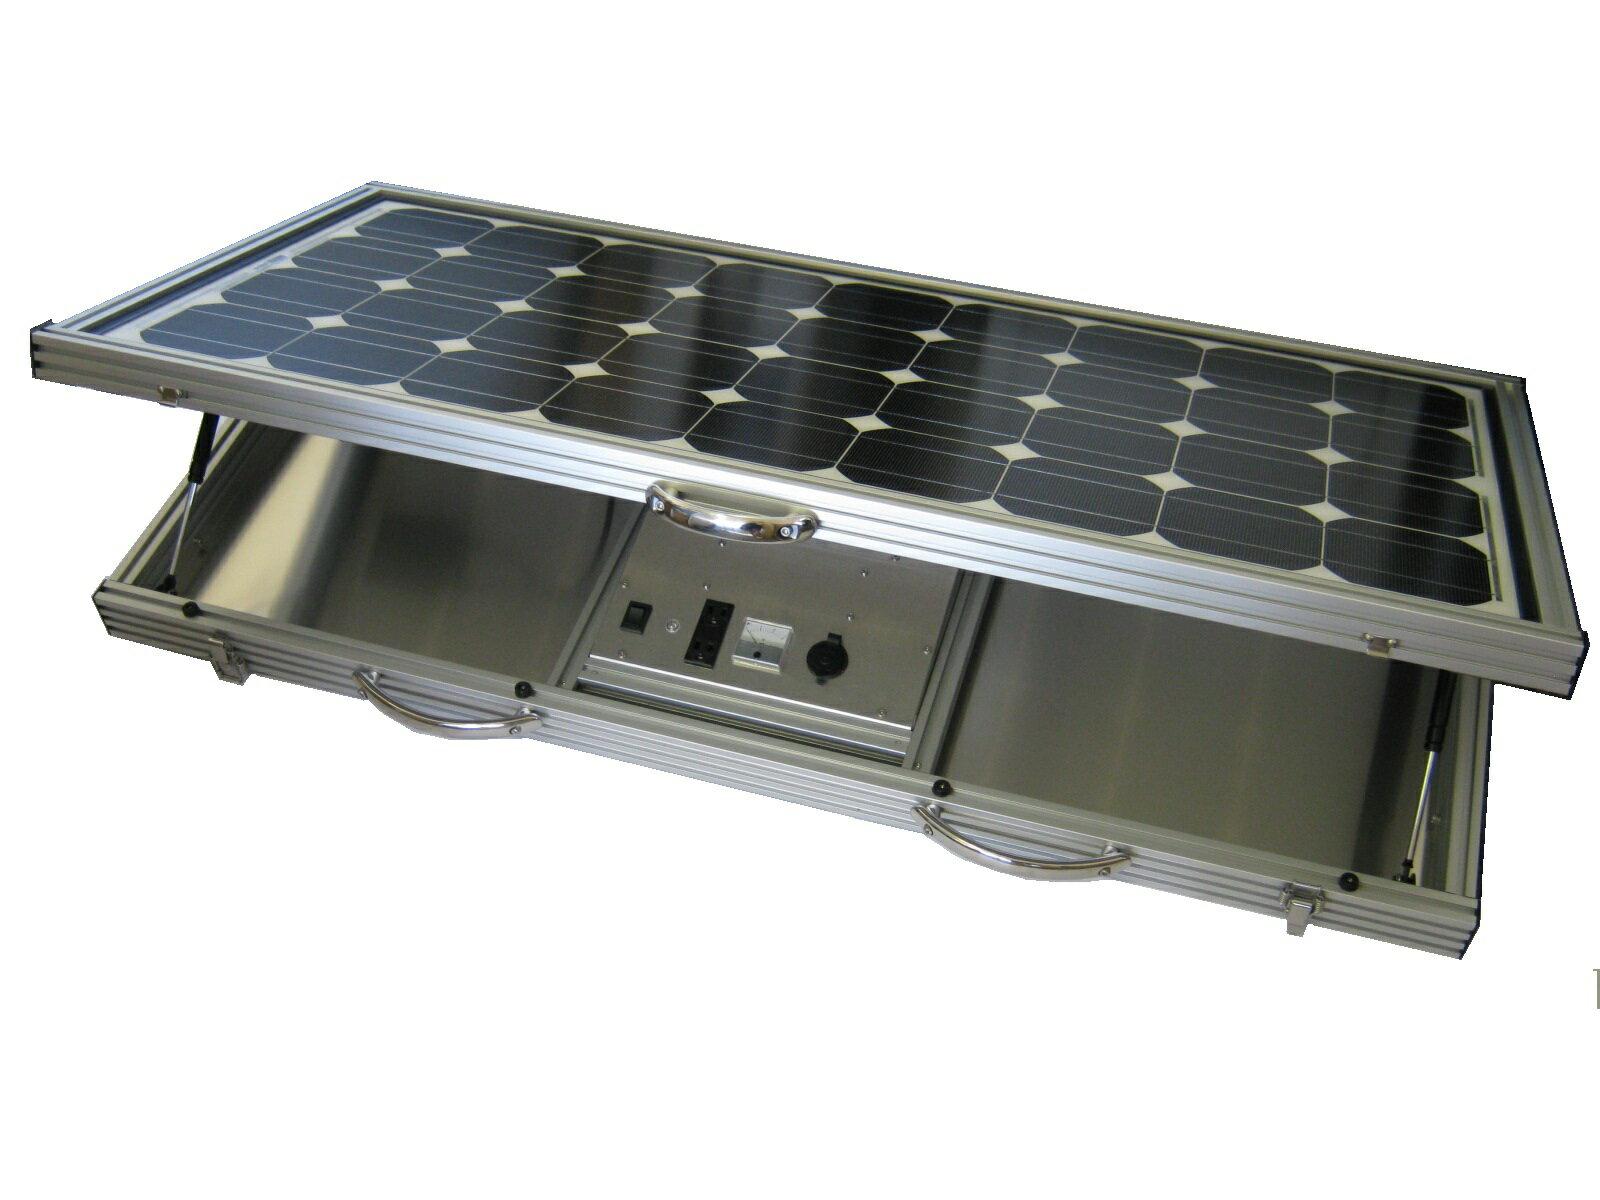 ポータブル電源装置 蓄電装置 ライフパック250 NAS-700